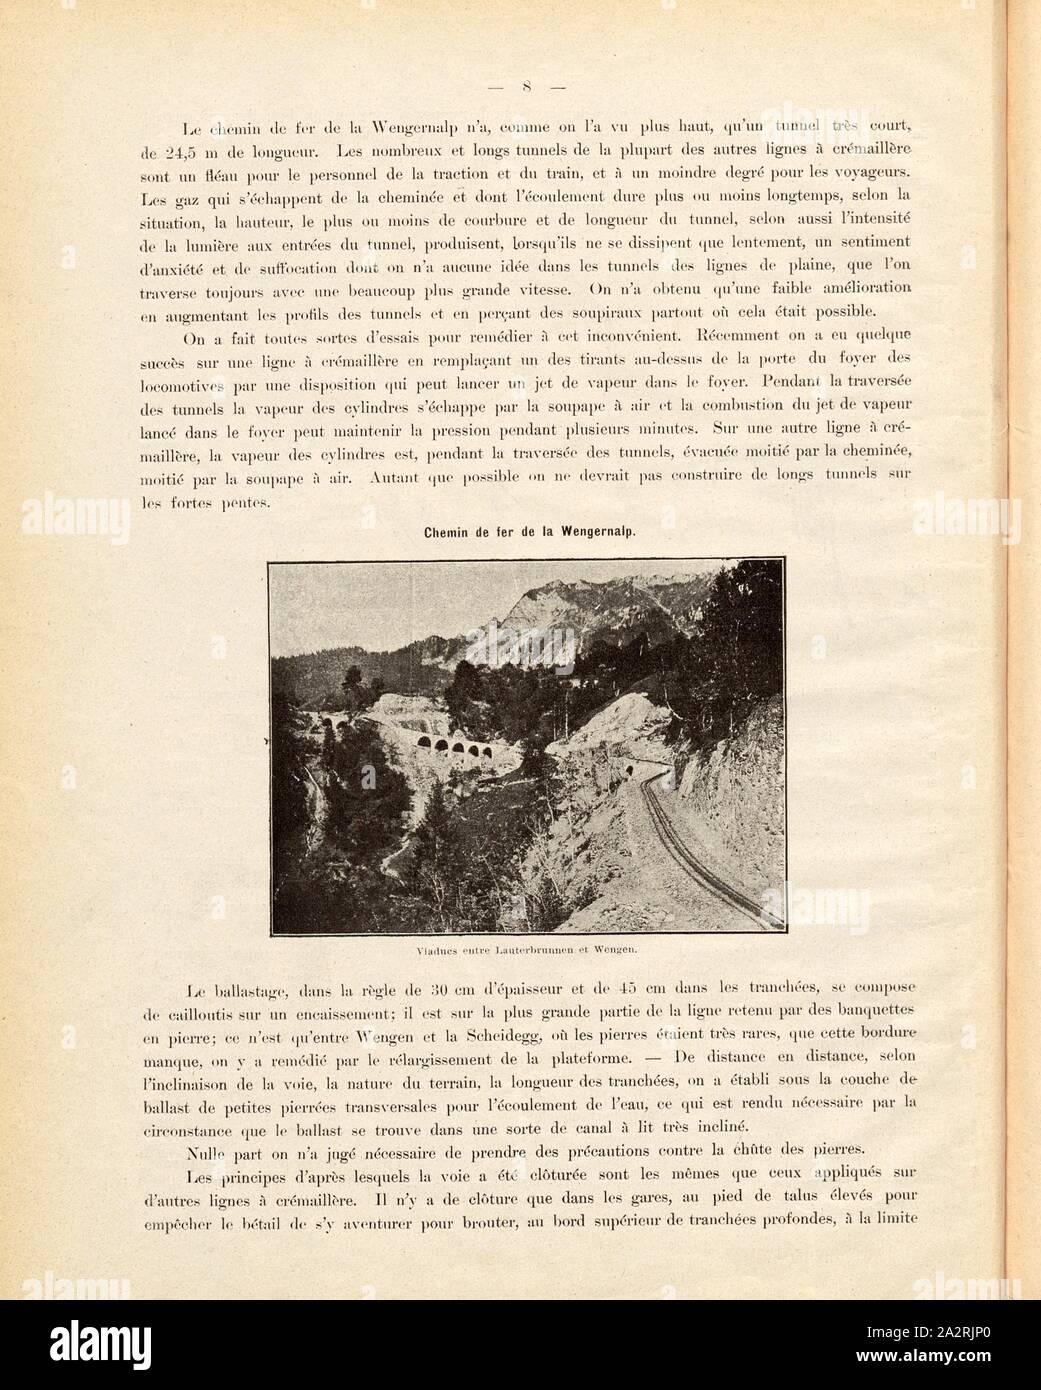 Viaducs entre Lauterbrunnen et Wengen, Photographic illustration of the viaducts on the railway line between Lauterbrunnen and Wengen, Fig. 7, p. 8, 1893, Emil Strub: Le chemin de fer de la Wengernalp. [s.l.]: [s.n.], 1893 Stock Photo